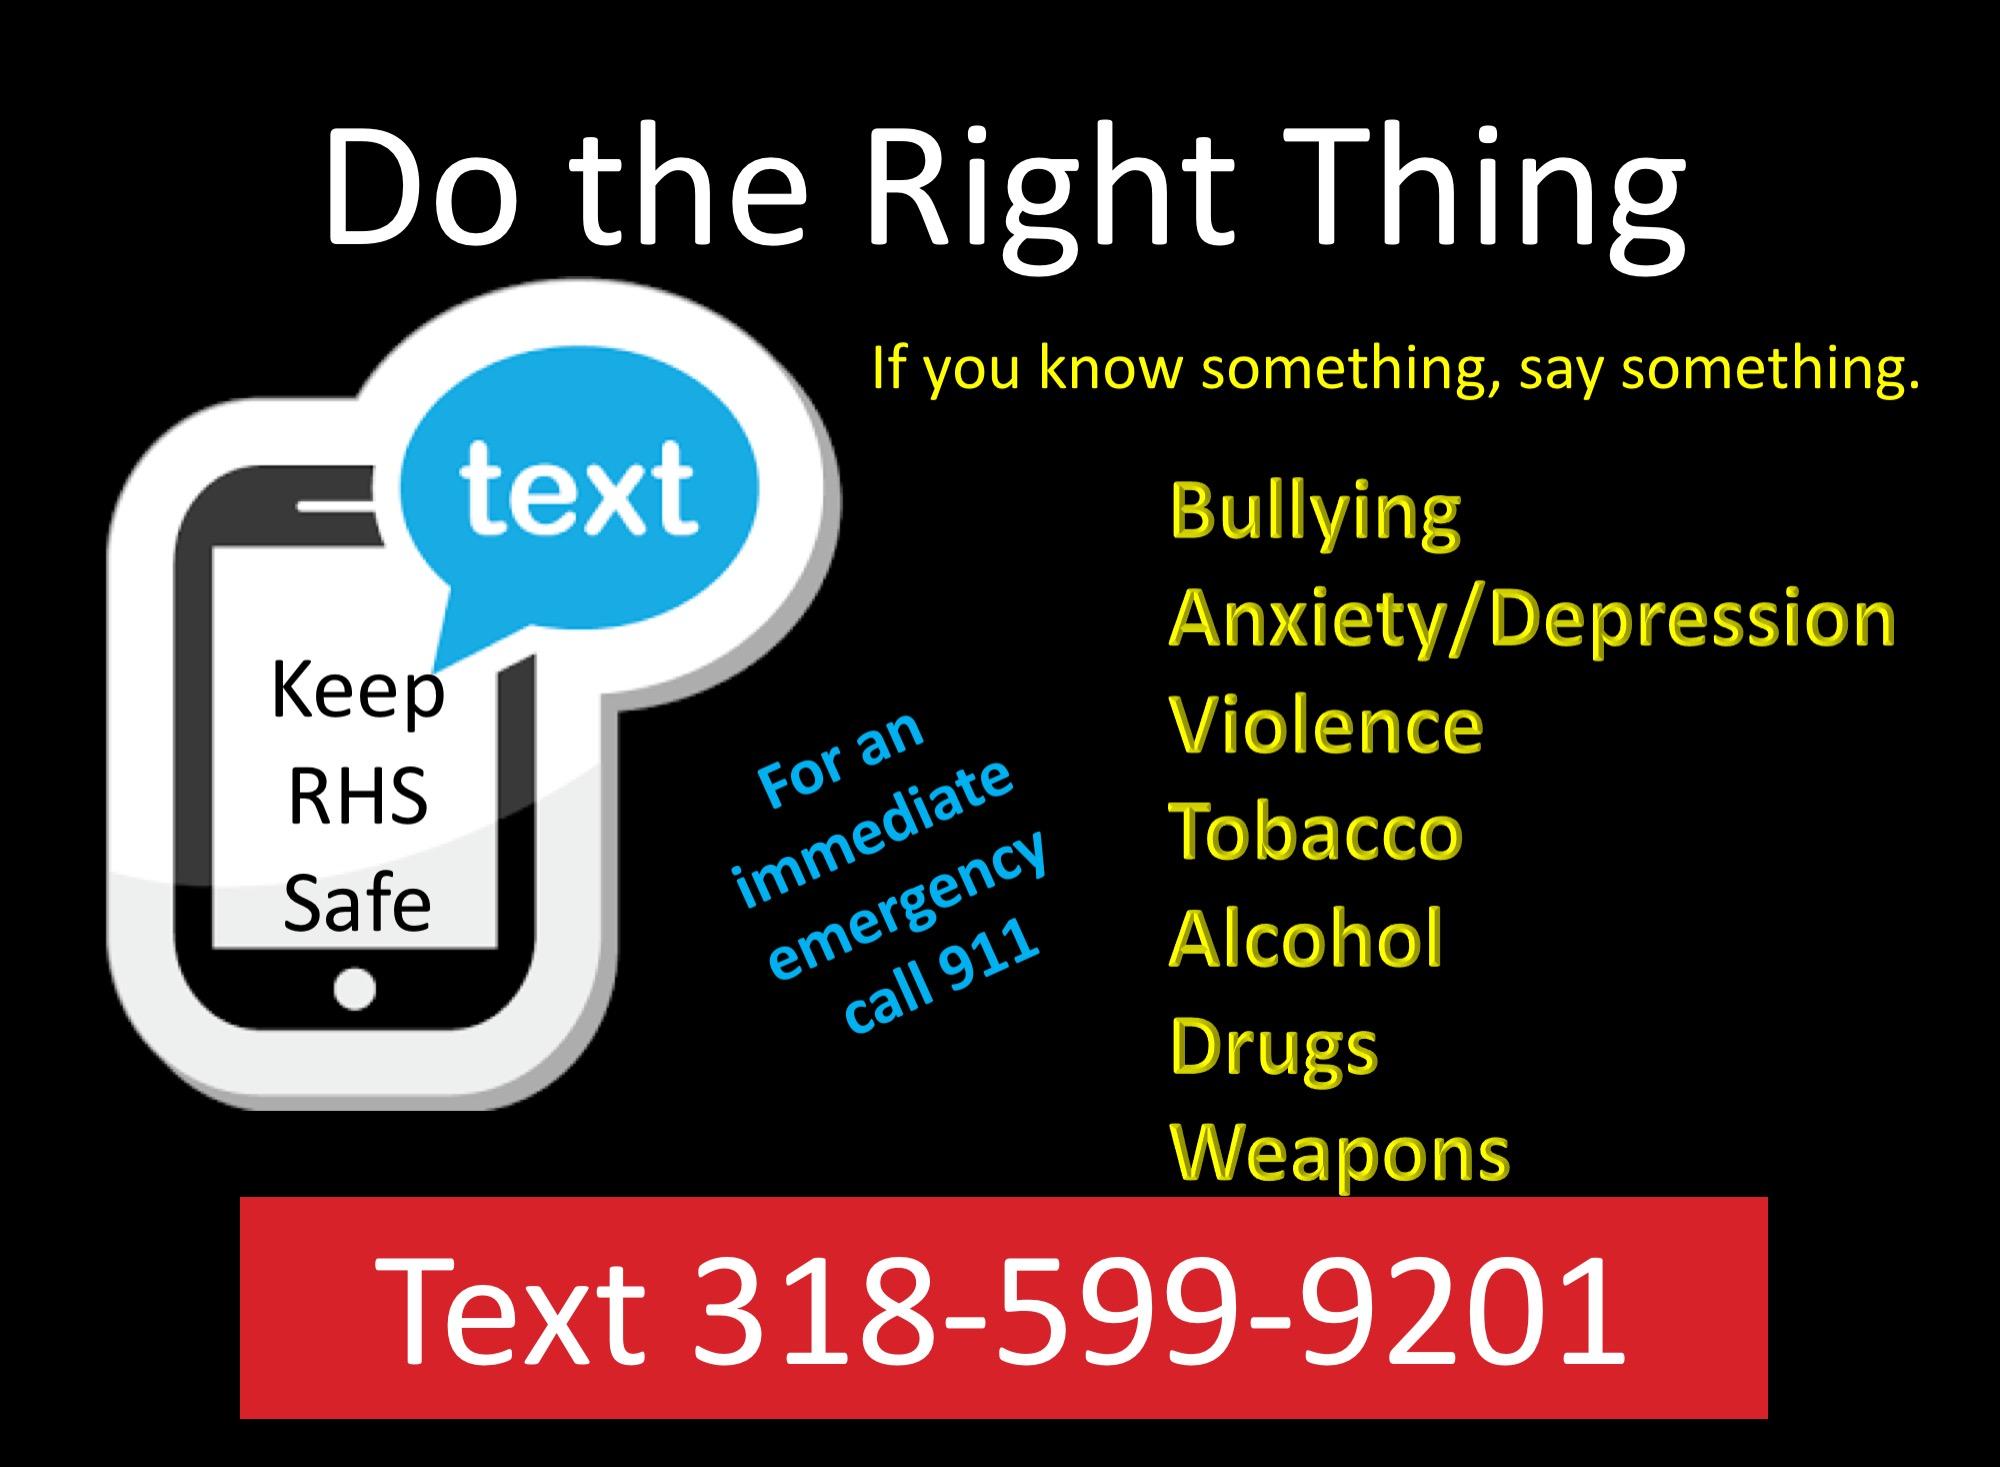 RHS Tipline 318-599-9201